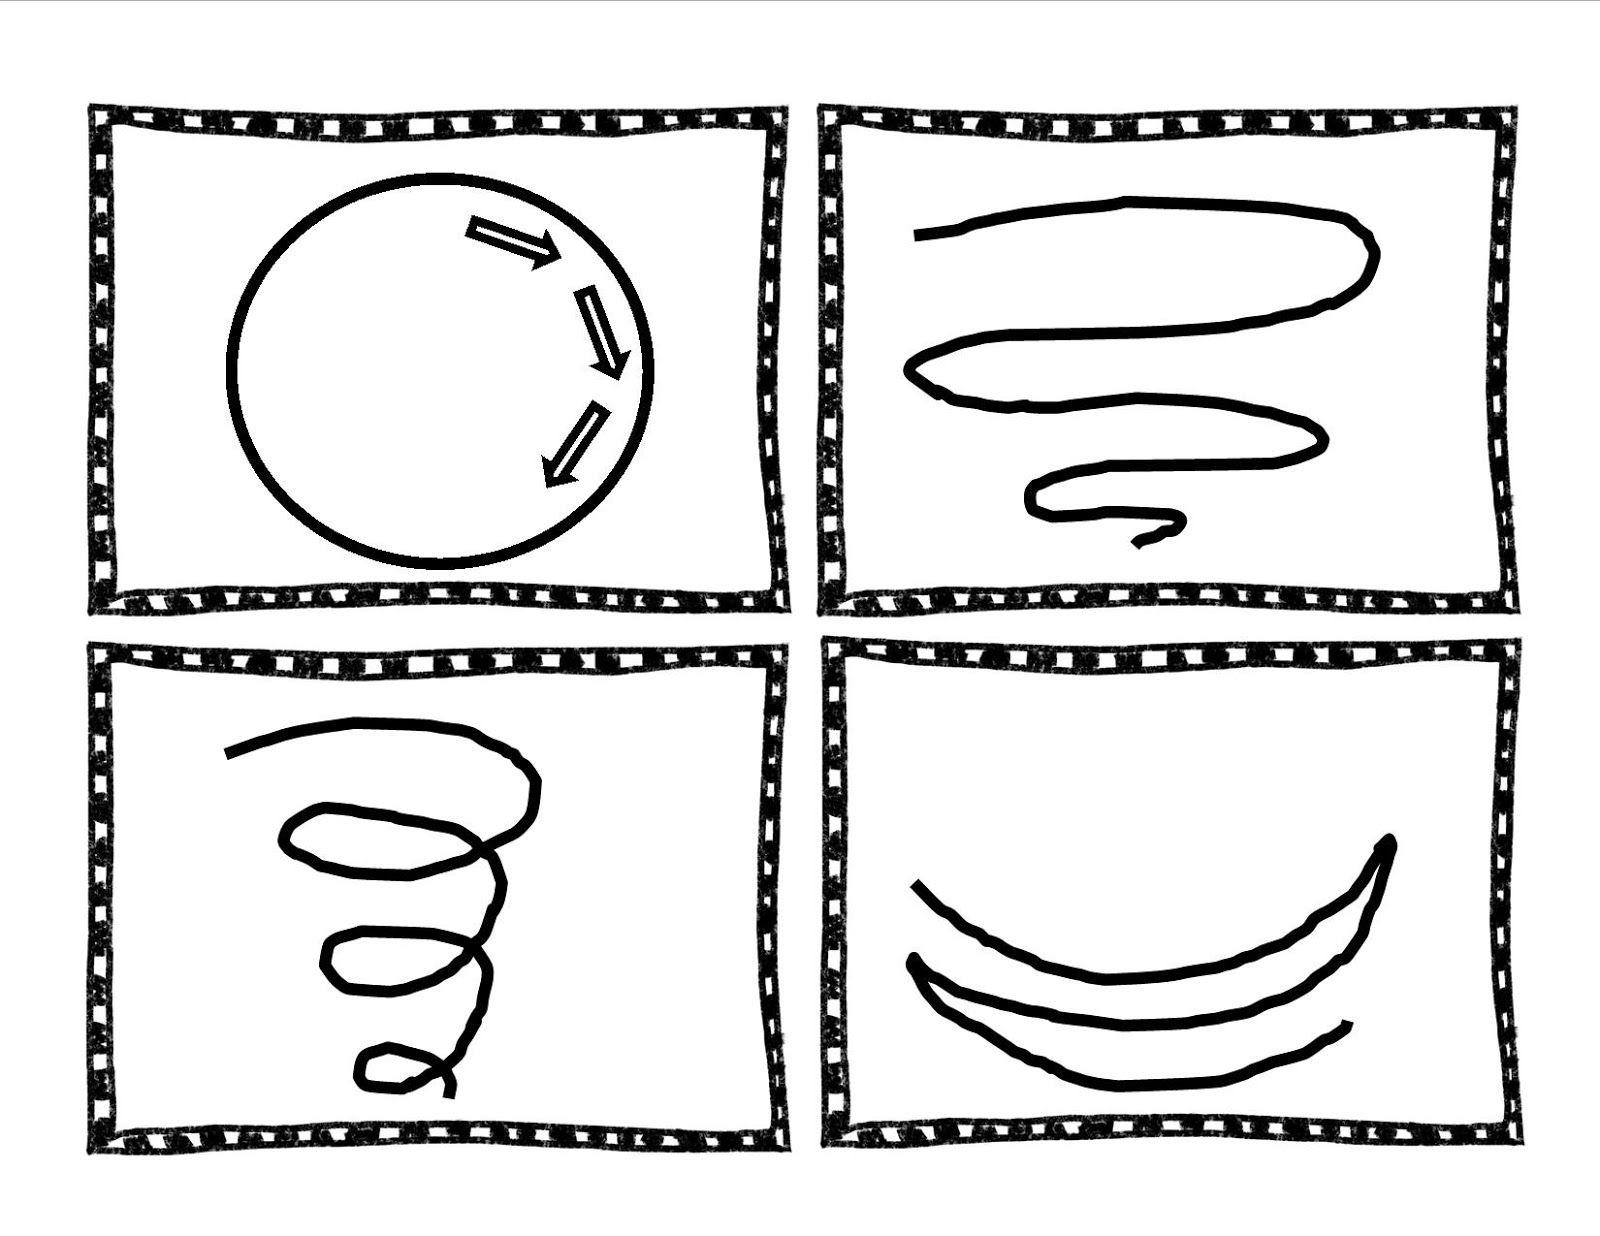 O For Tuna Orff: Ribbon/Scarf/Fan Choreography Made Simple